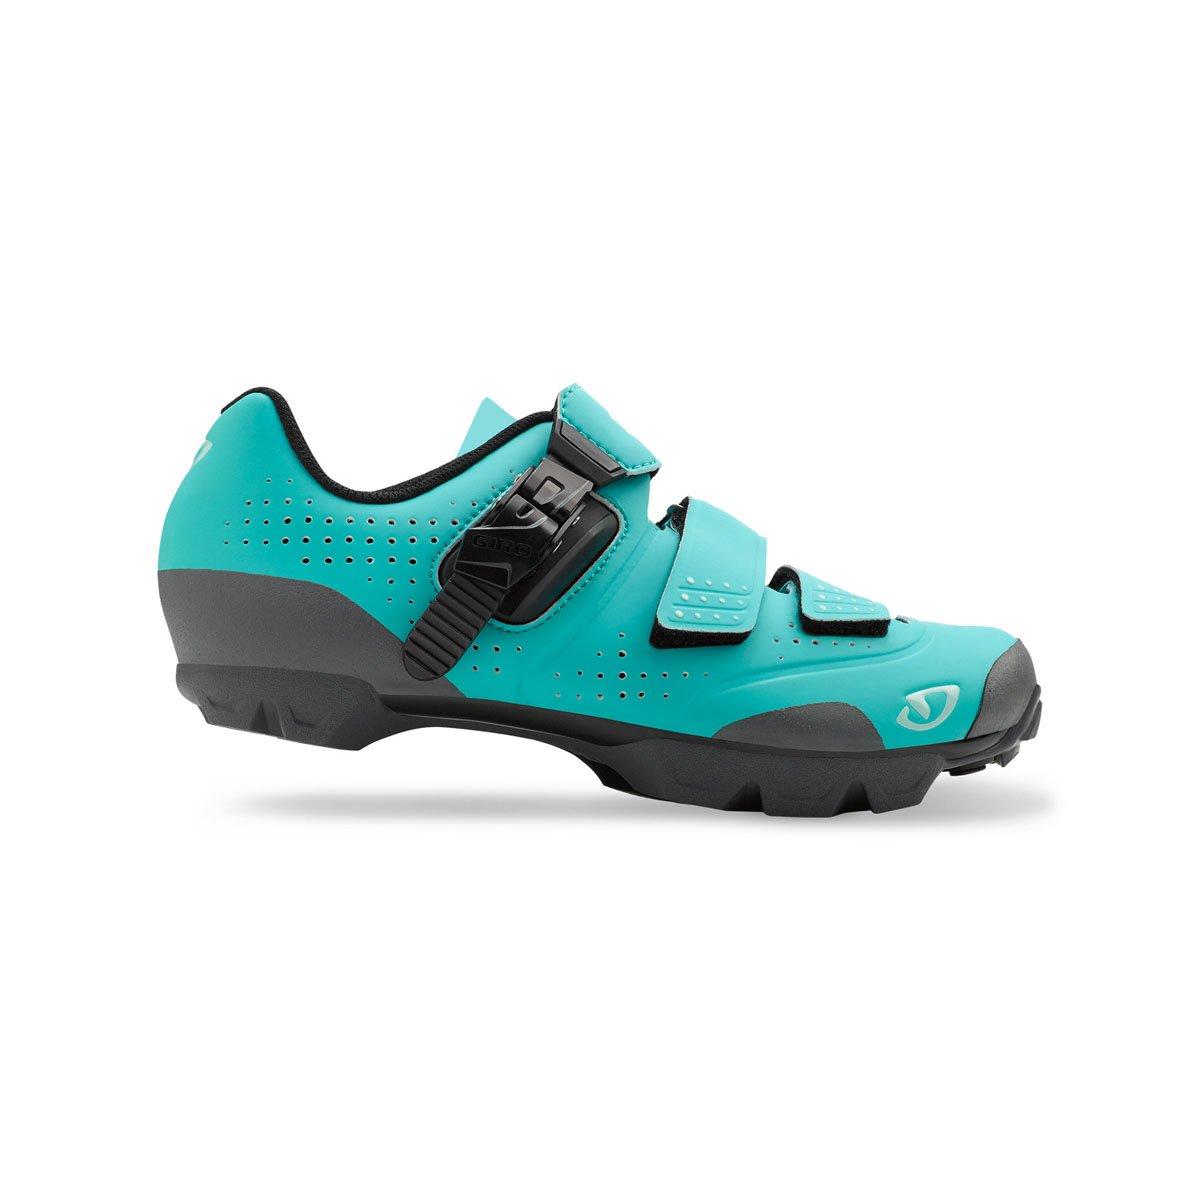 Giro Manta R Cycling Shoe - Women's Glacier/Titanium, 38.5 by Giro